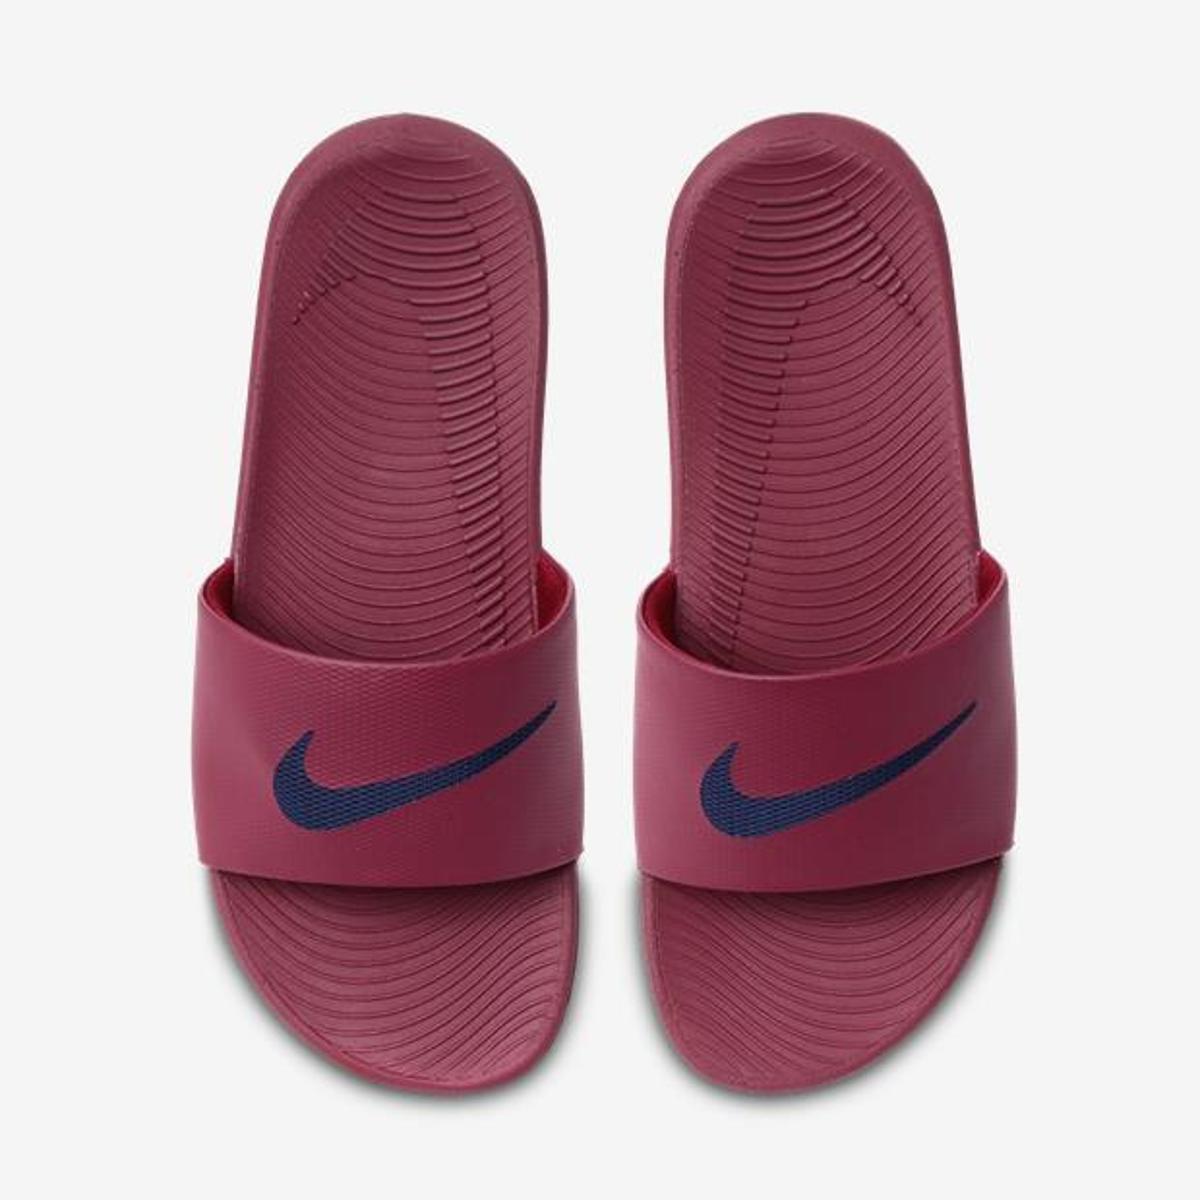 054467decc Sandália Nike Kawa Slide Masculina - Preto e Vermelho | Shop Timão